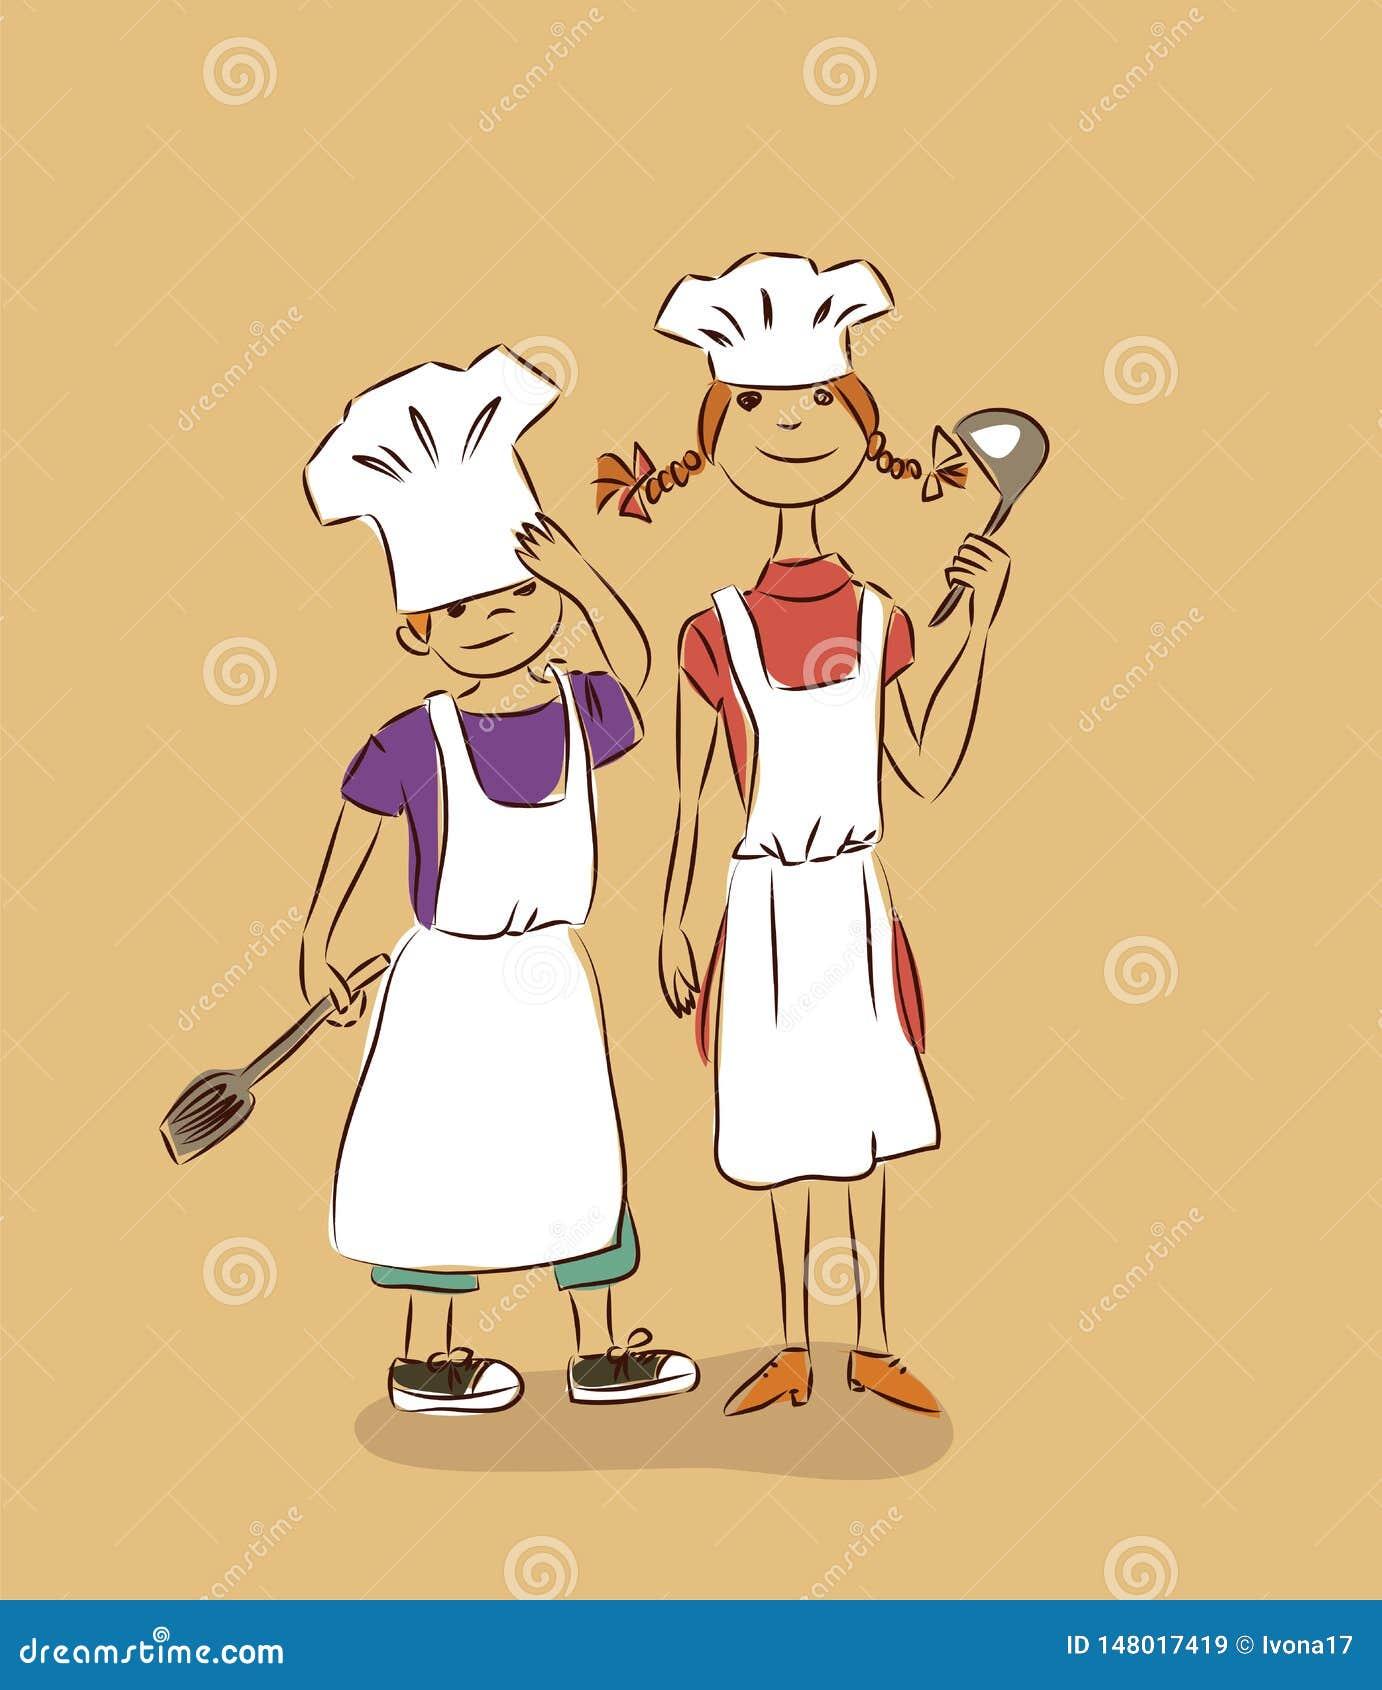 Children cook vector illustration family sketch doodle